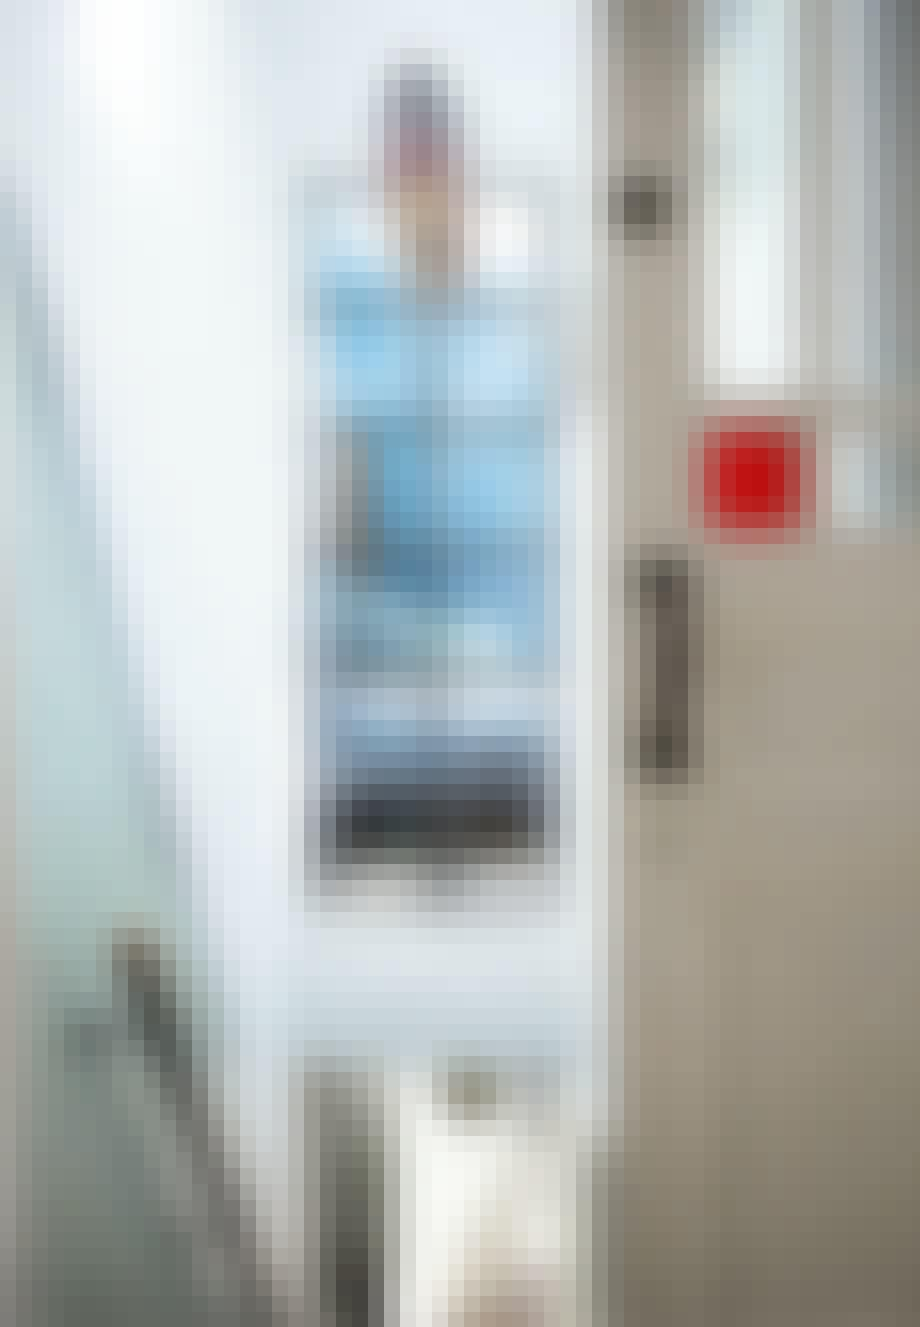 Trappegang med glasvæg til soveværelse og model af stor færge hængende i loftet